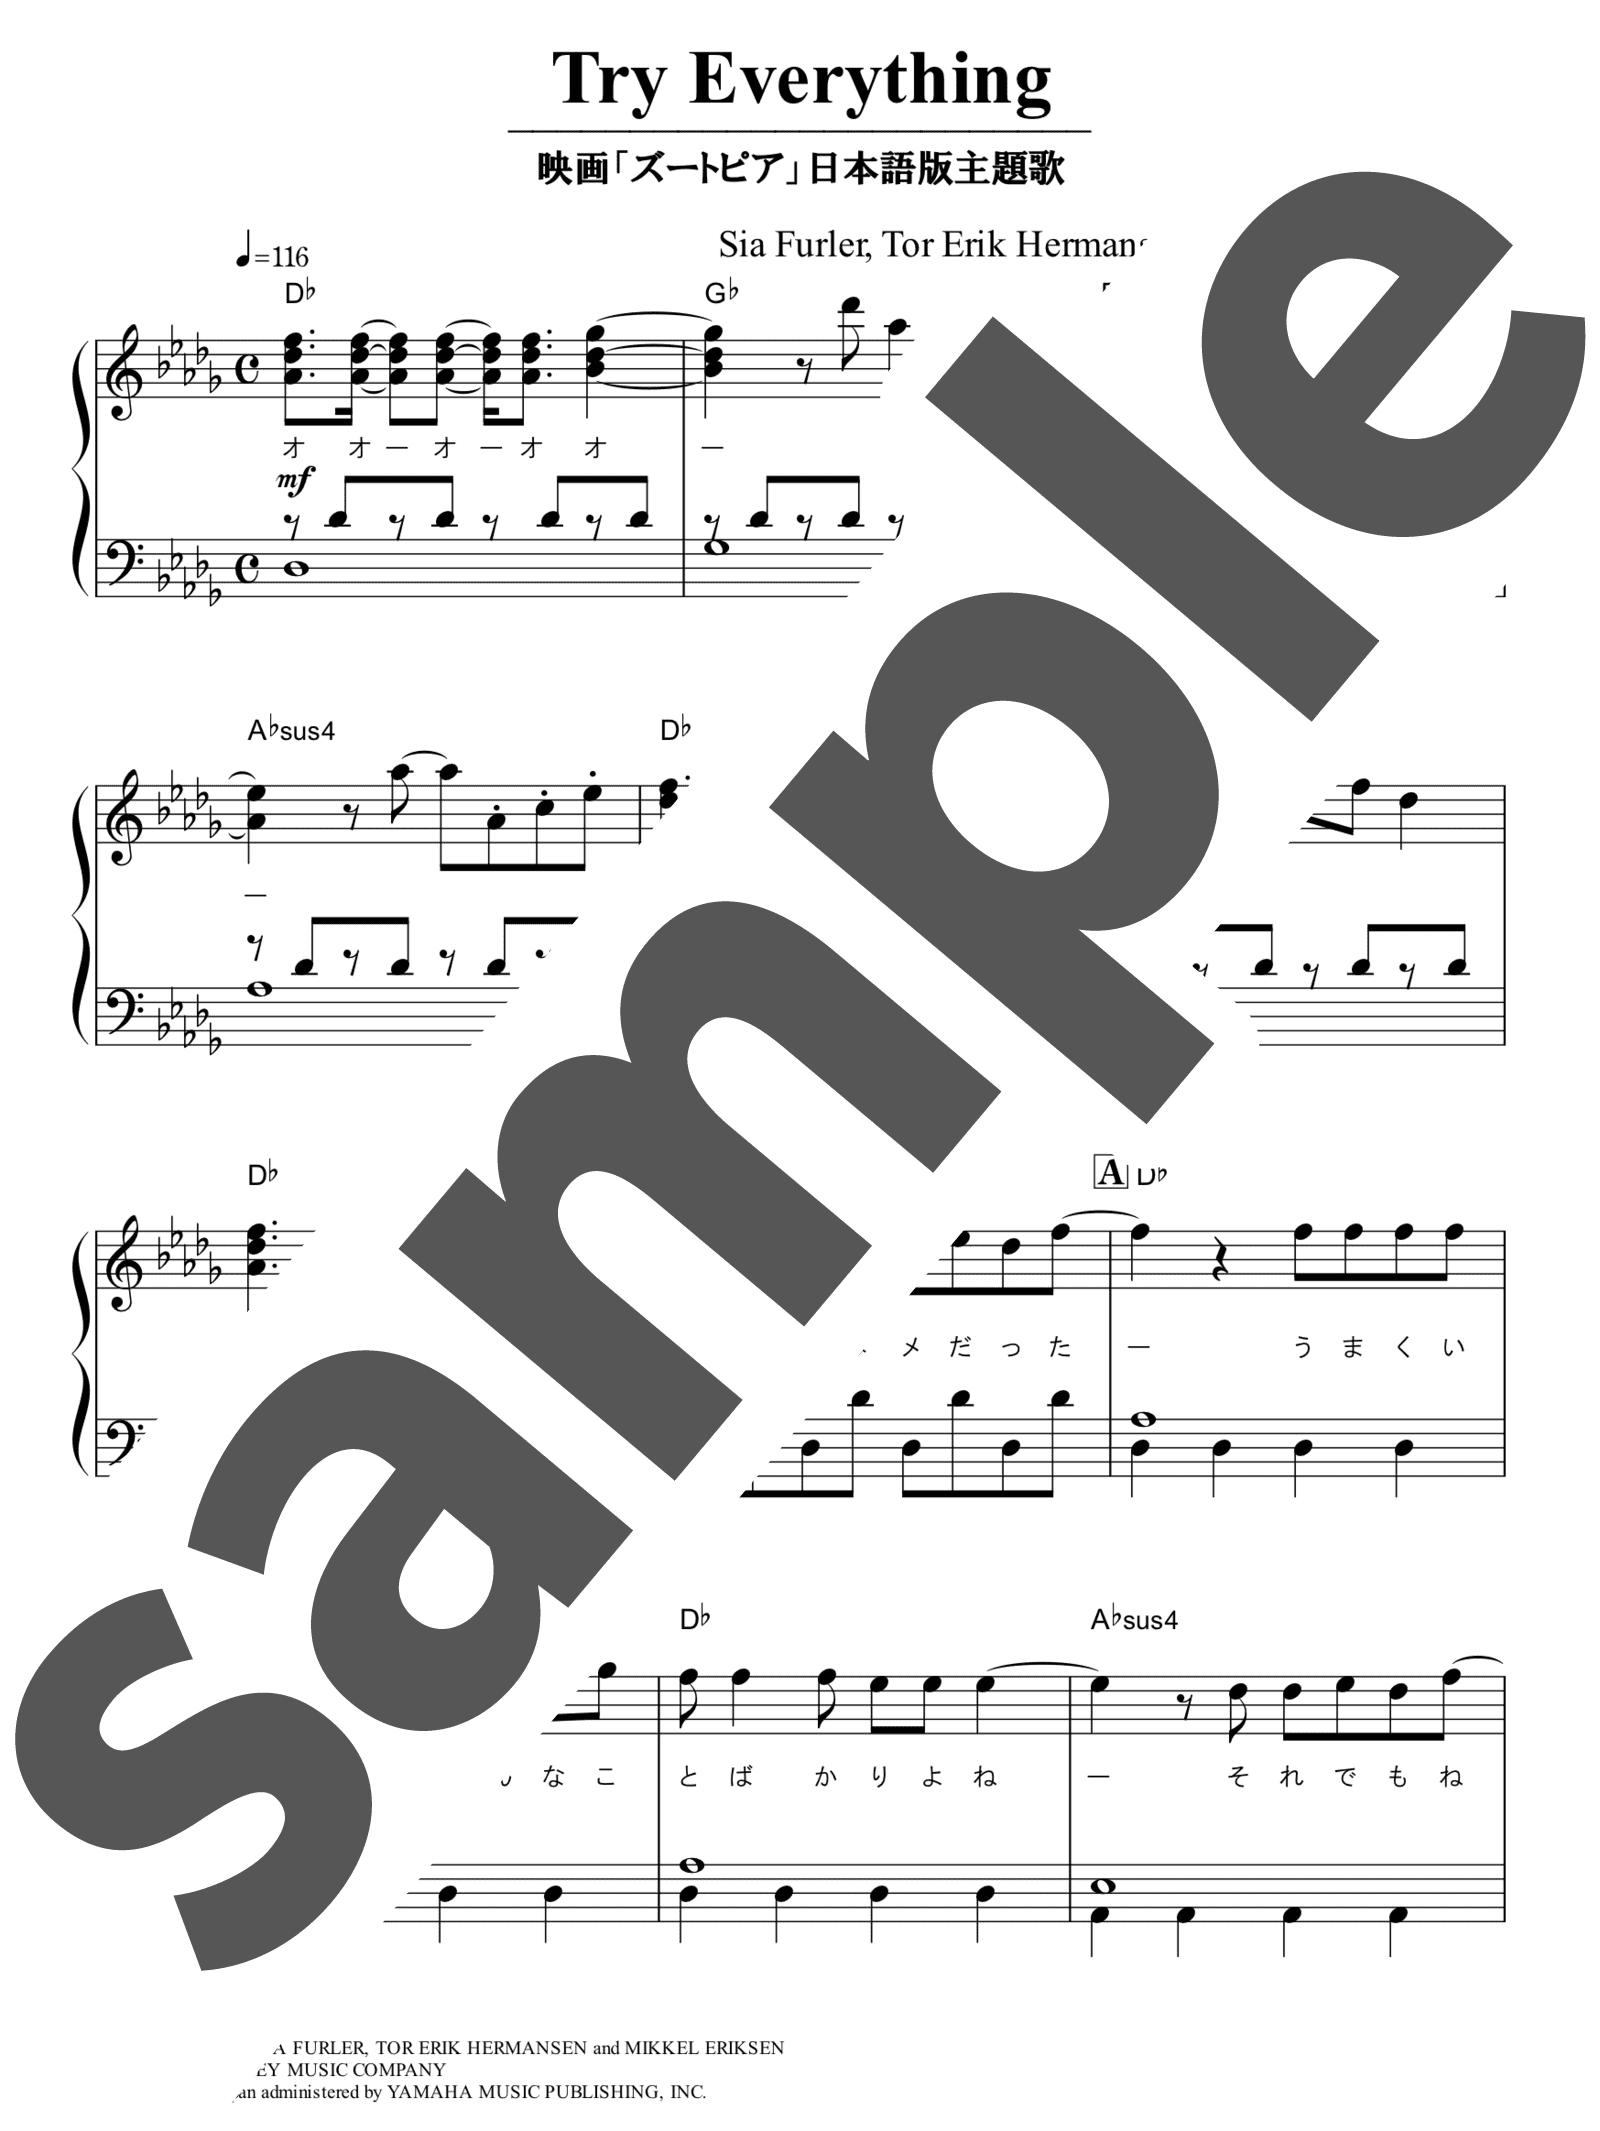 「トライ・エヴリシング」のサンプル楽譜